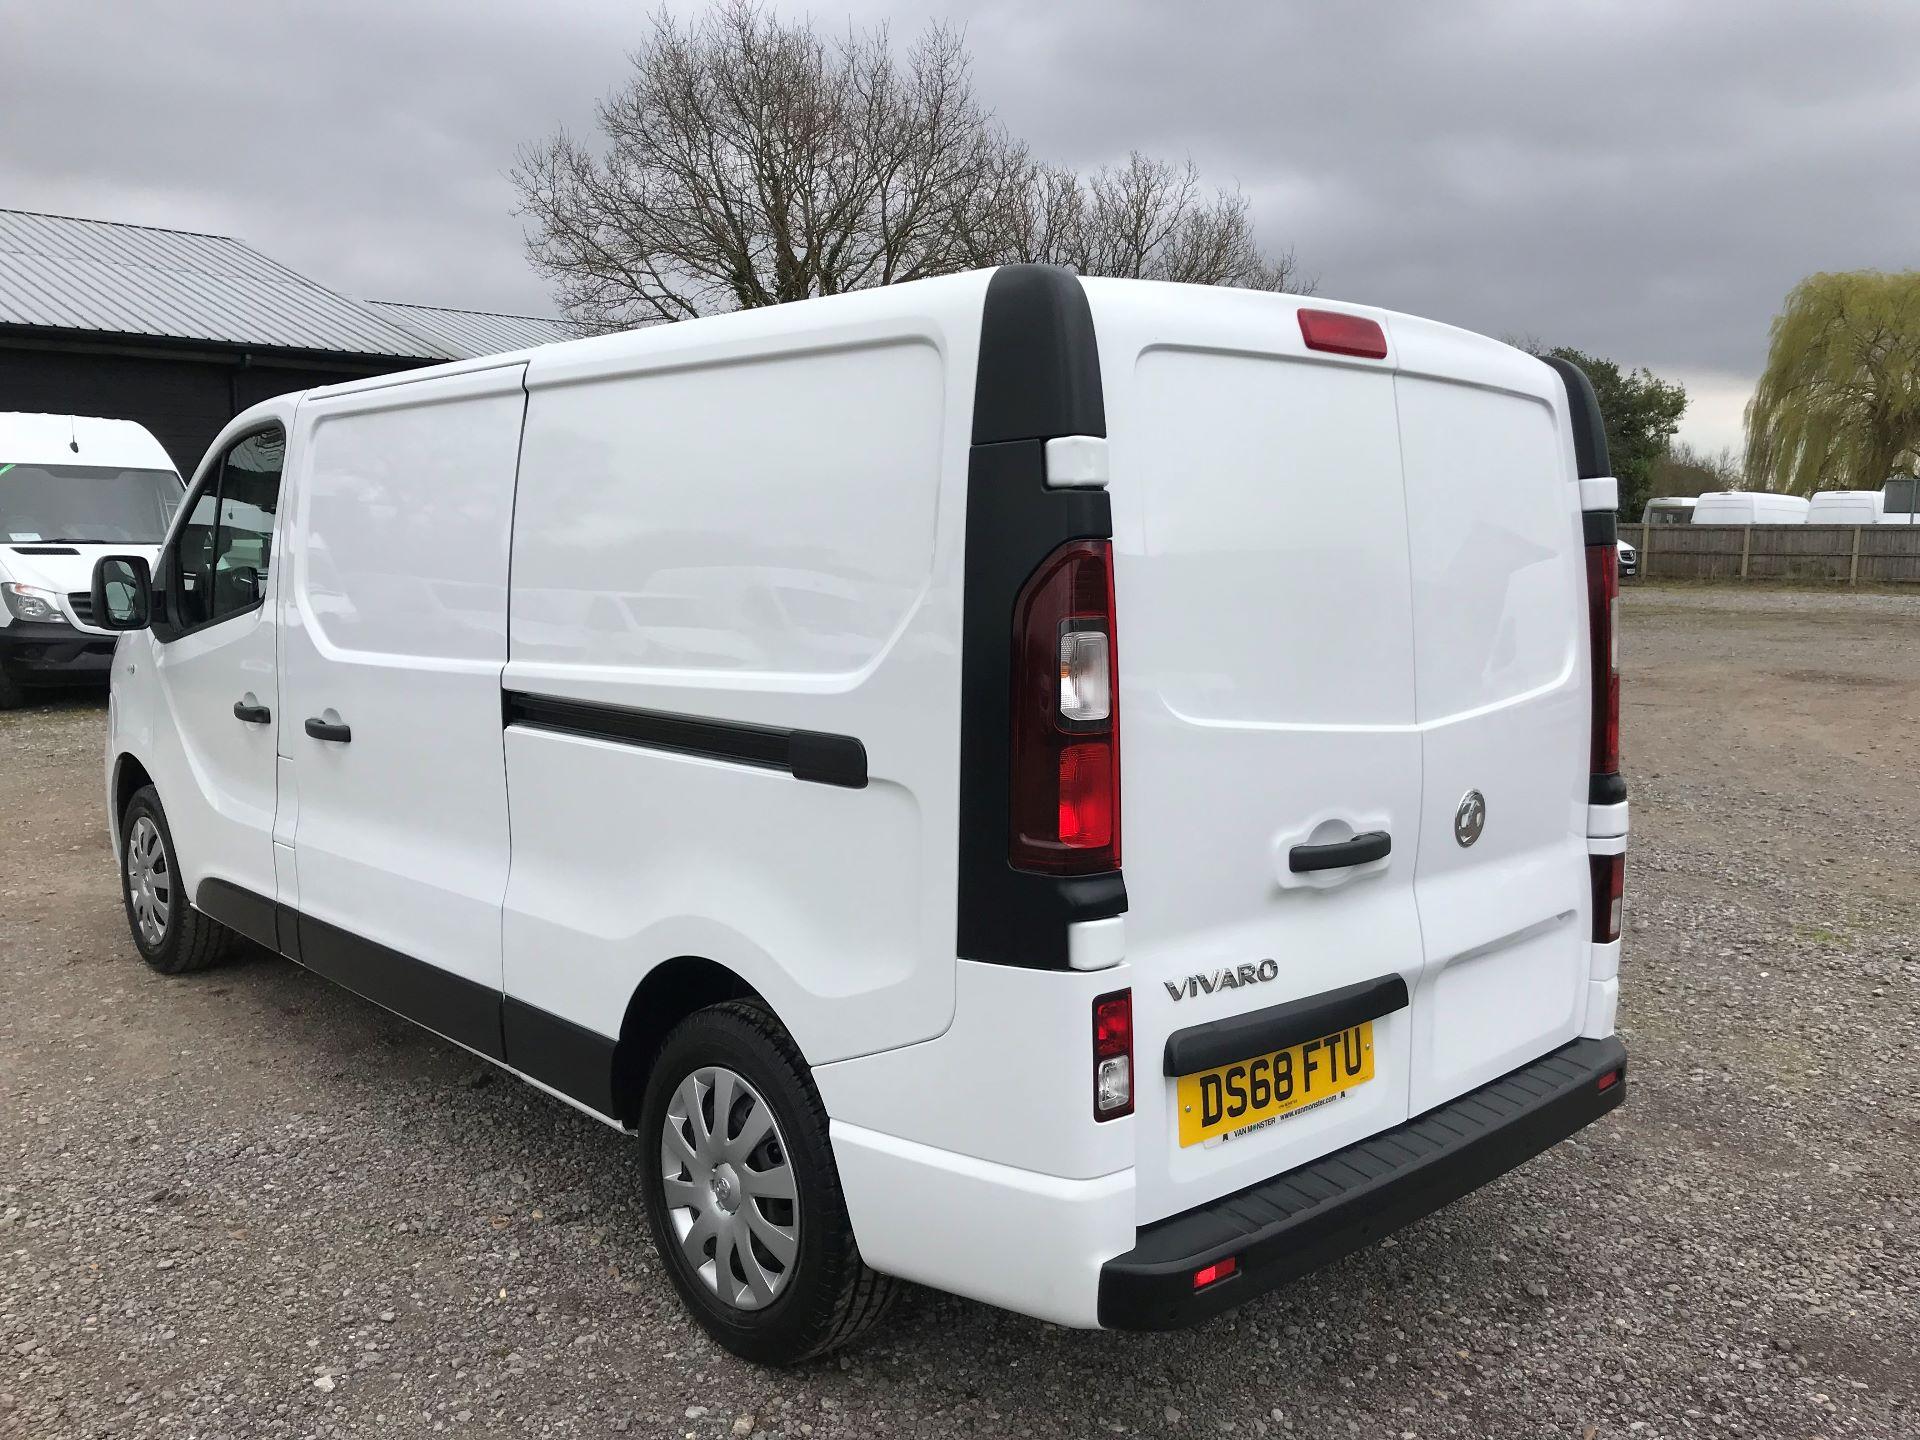 2018 Vauxhall Vivaro L2 H1 2900 1.6CDTI 120PS SPORTIVE EURO 6 (DS68FTU) Image 6